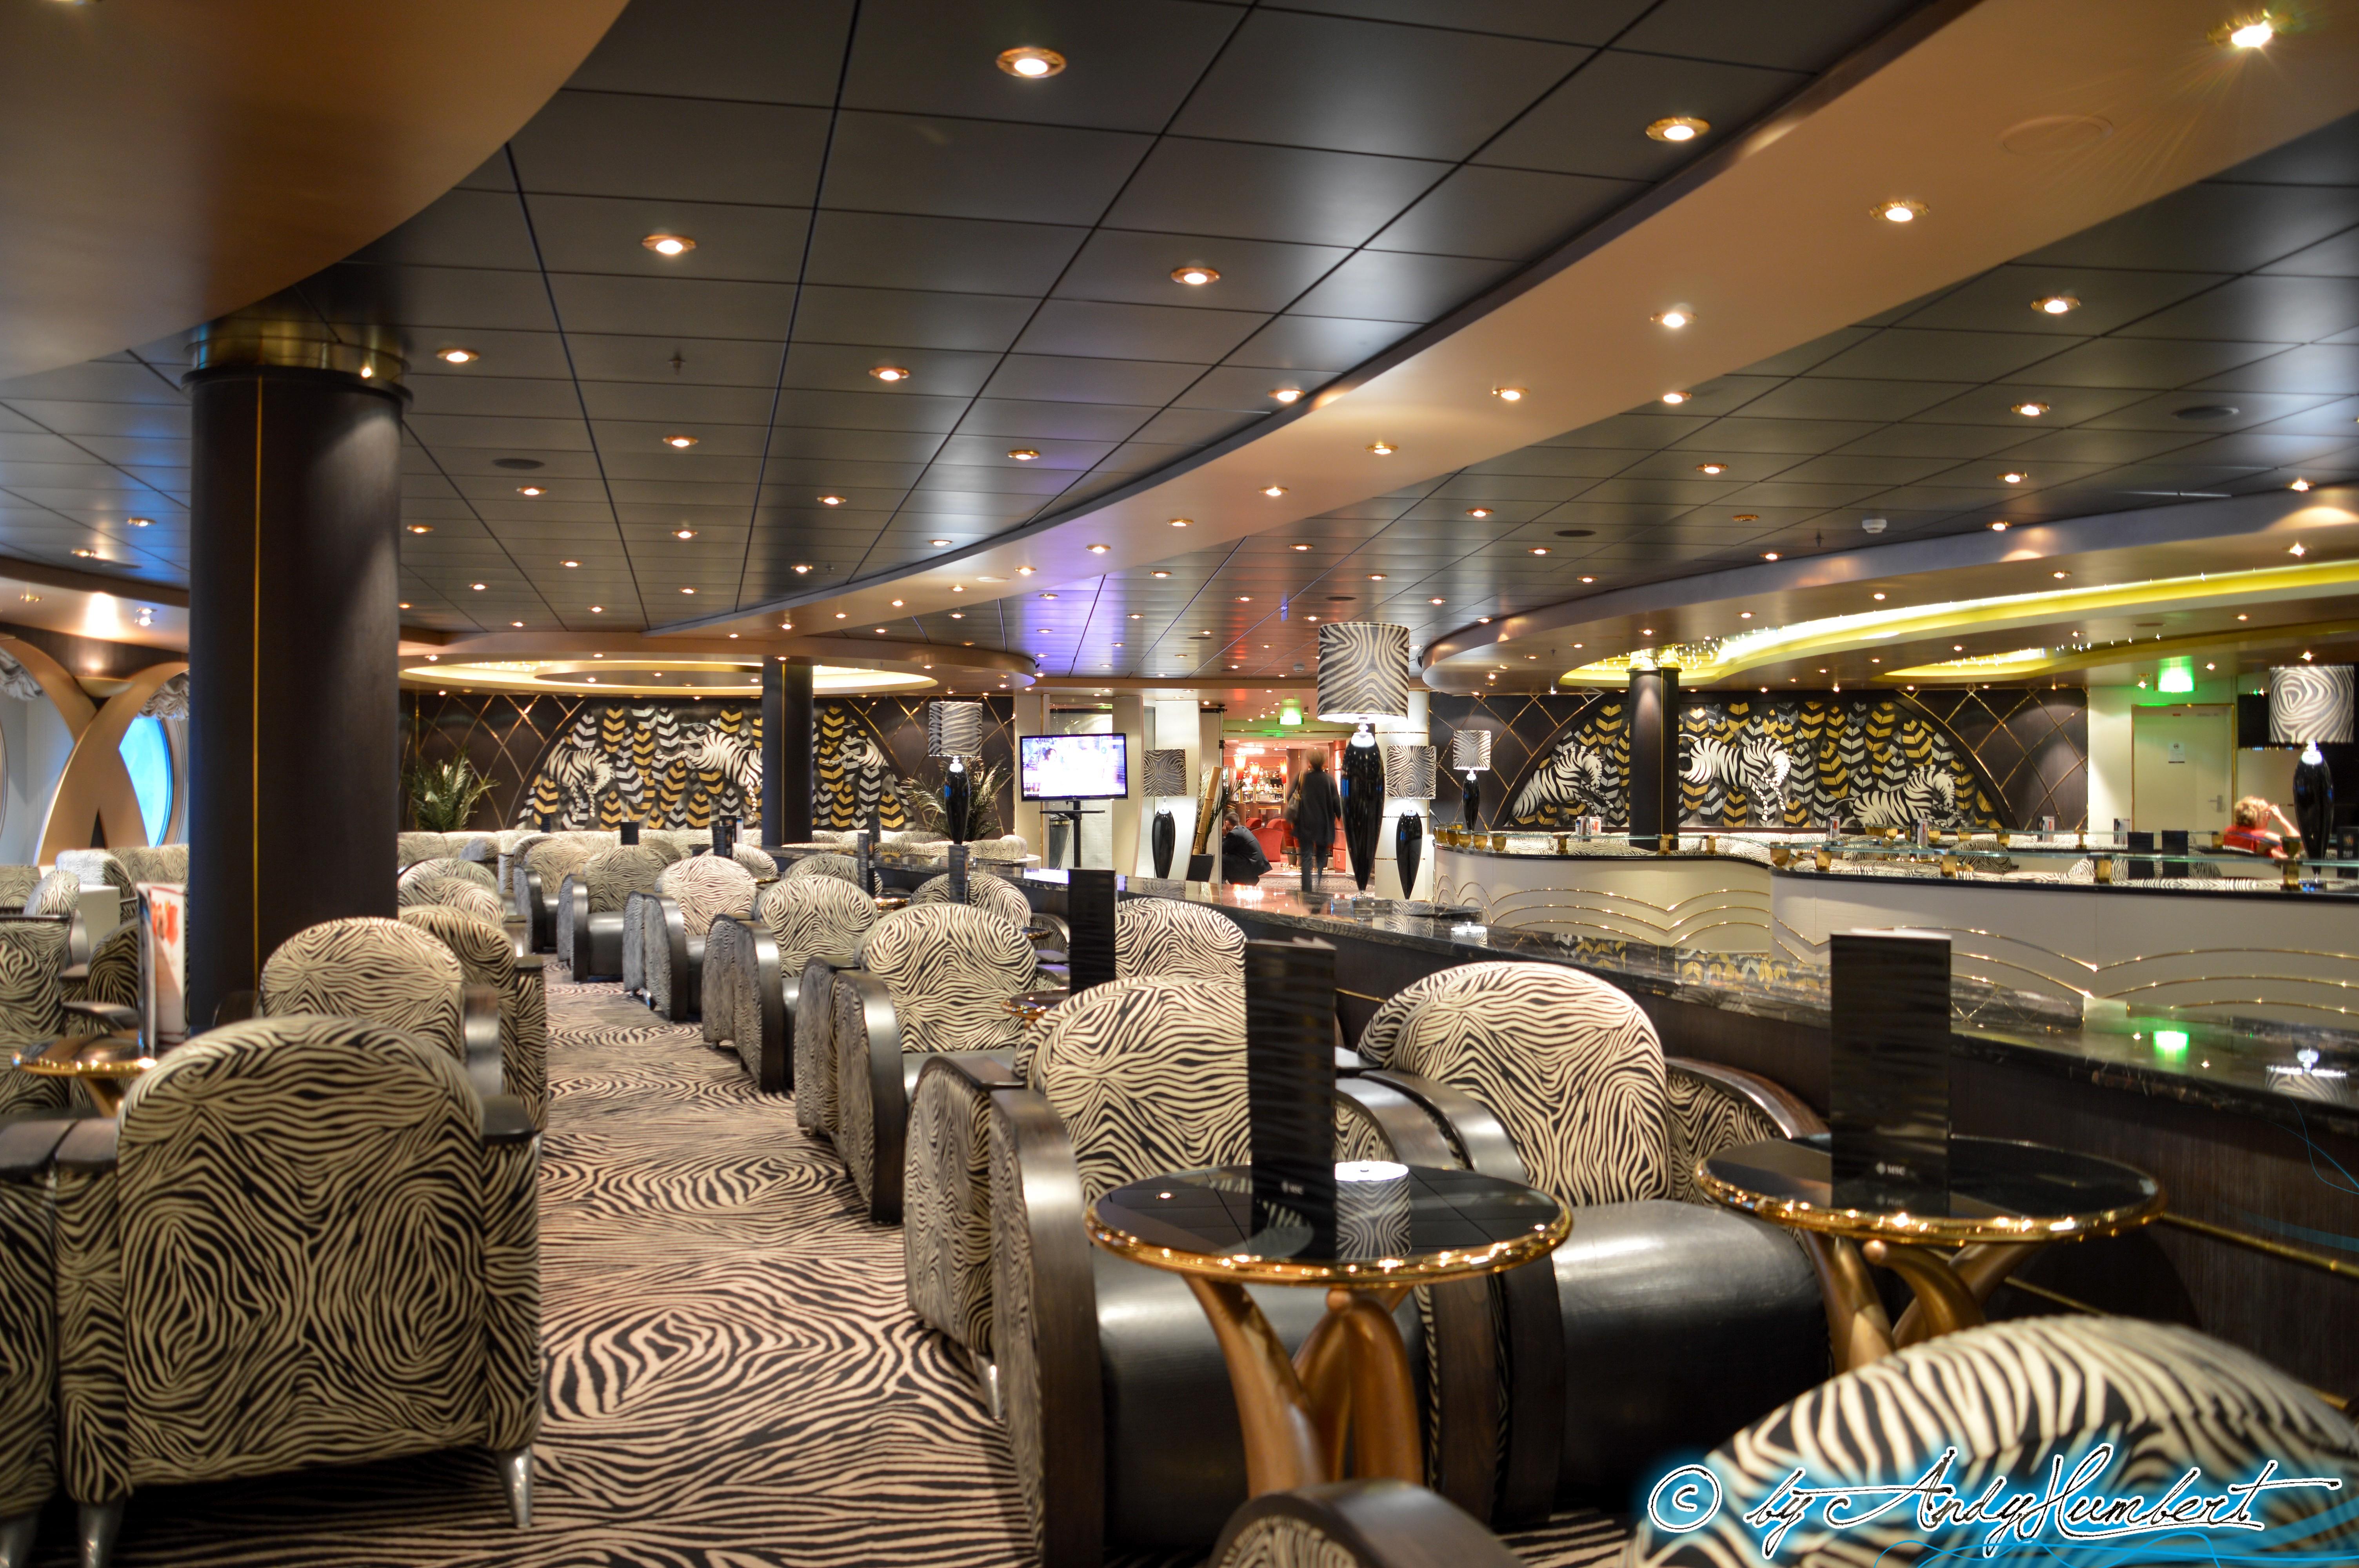 The Zebra Bar (pont 6 Dante)